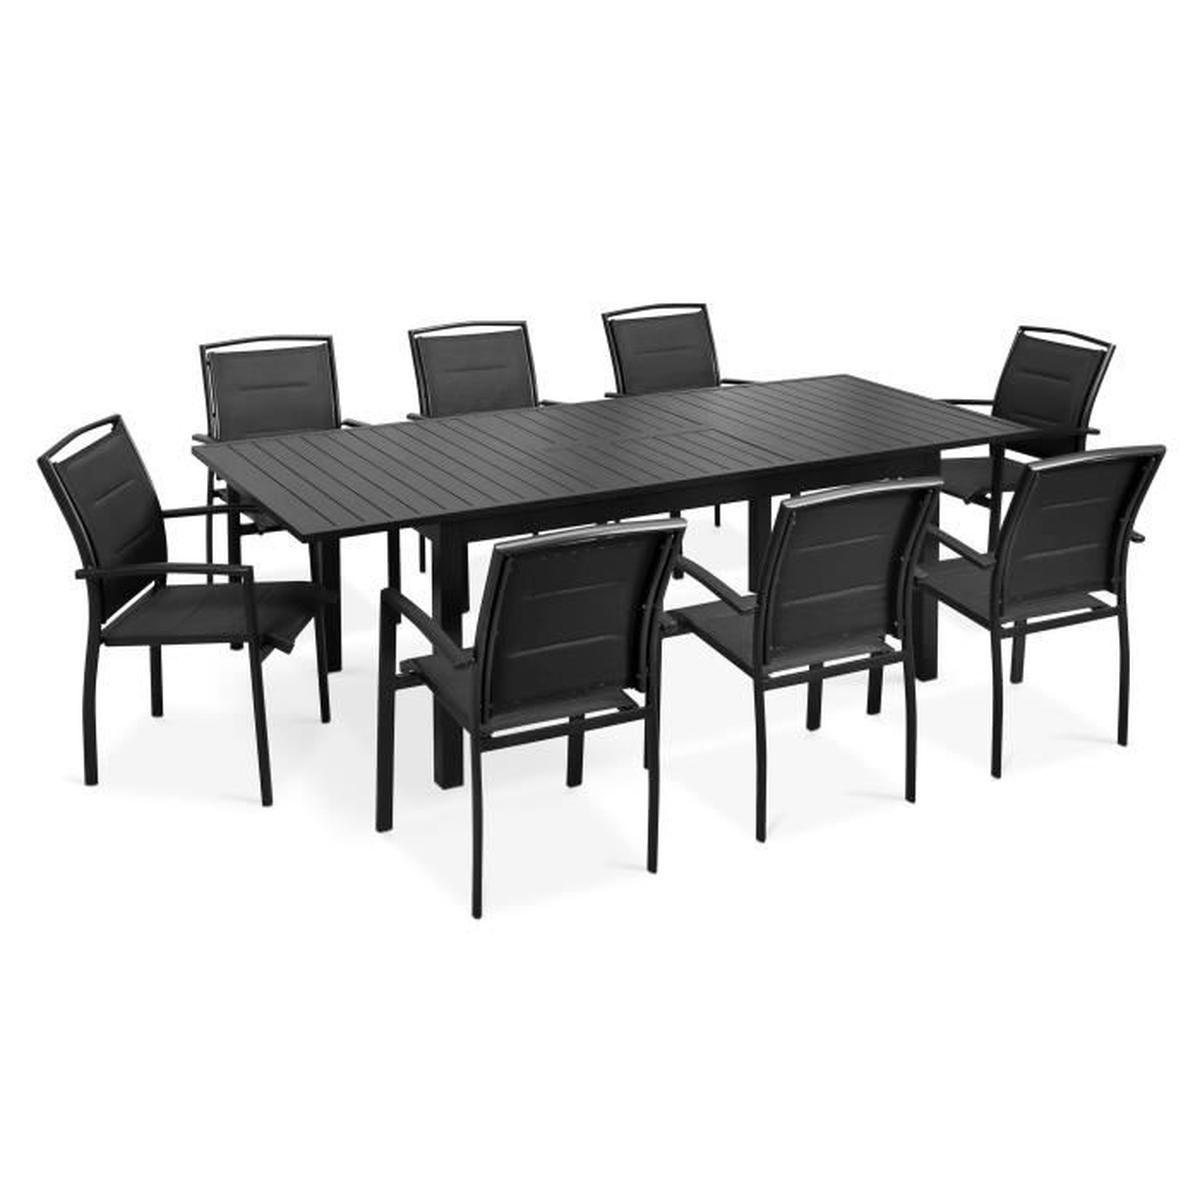 Ensemble Table Et Chaise De Jardin Avec Ralonge encequiconcerne Table De Jardin Avec Chaise Pas Cher